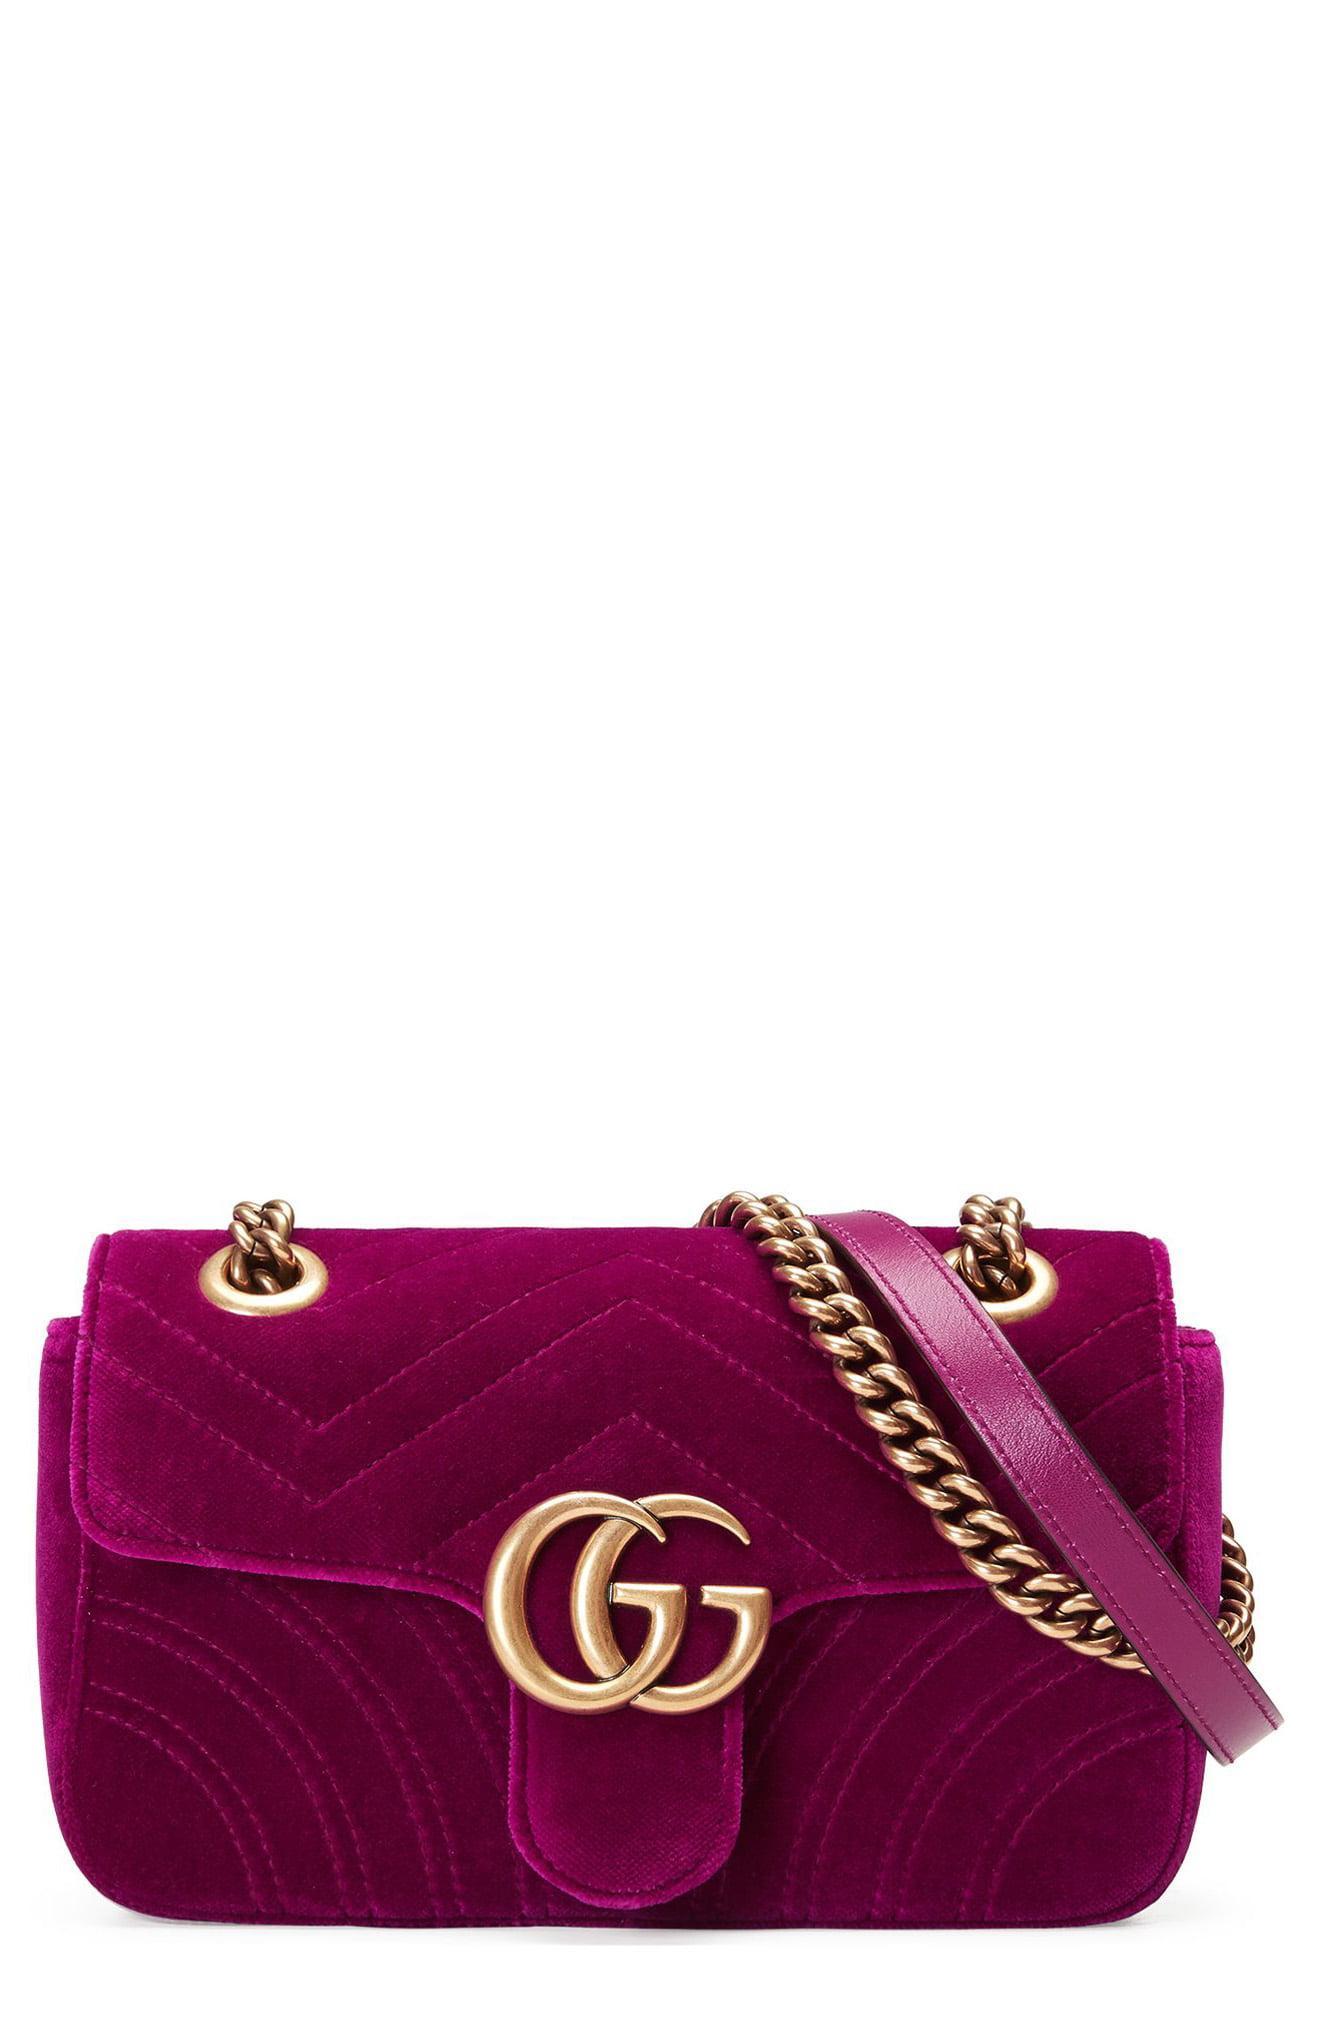 c2808f2b2f0 Gucci. Women s Purple Small Gg Marmont 2.0 Matelassé Velvet Shoulder Bag -